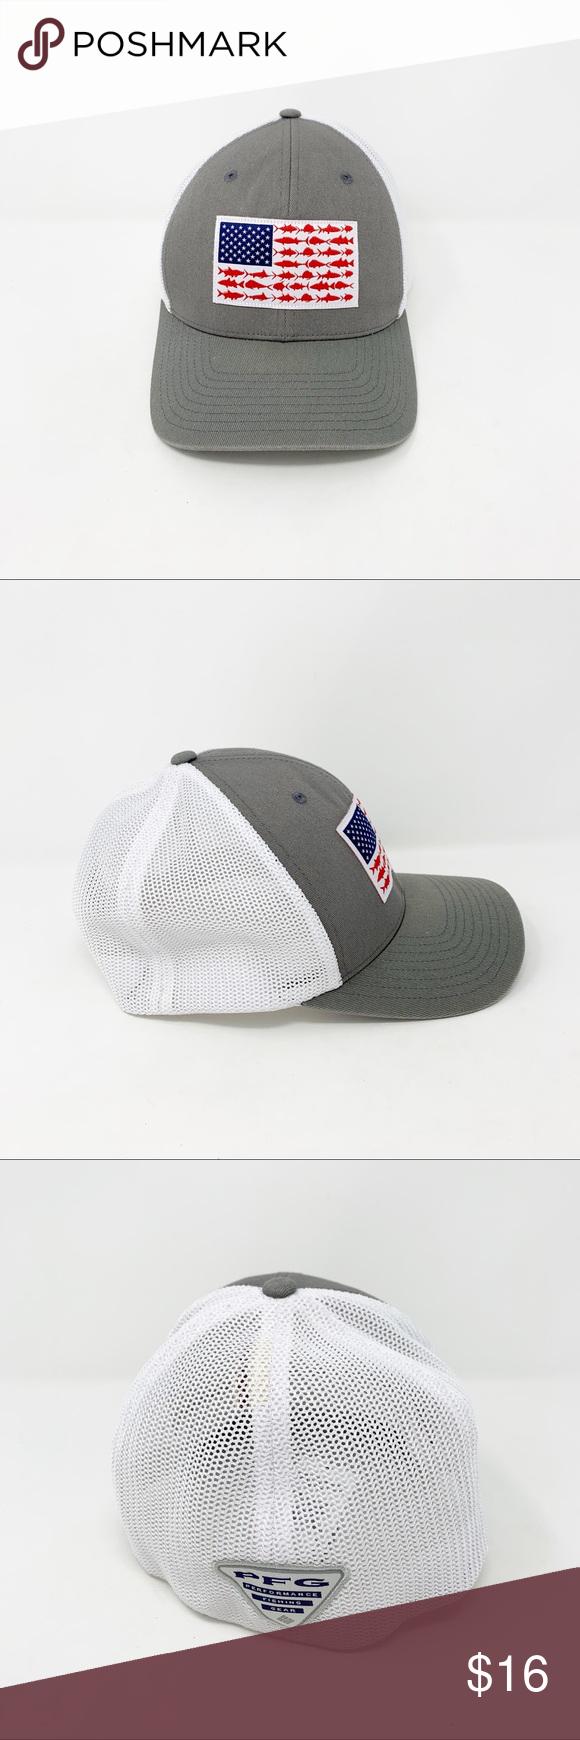 Columbia Pfg Mesh Fishing Hat Size L Xl Hat Sizes Fishing Hat Columbia Pfg